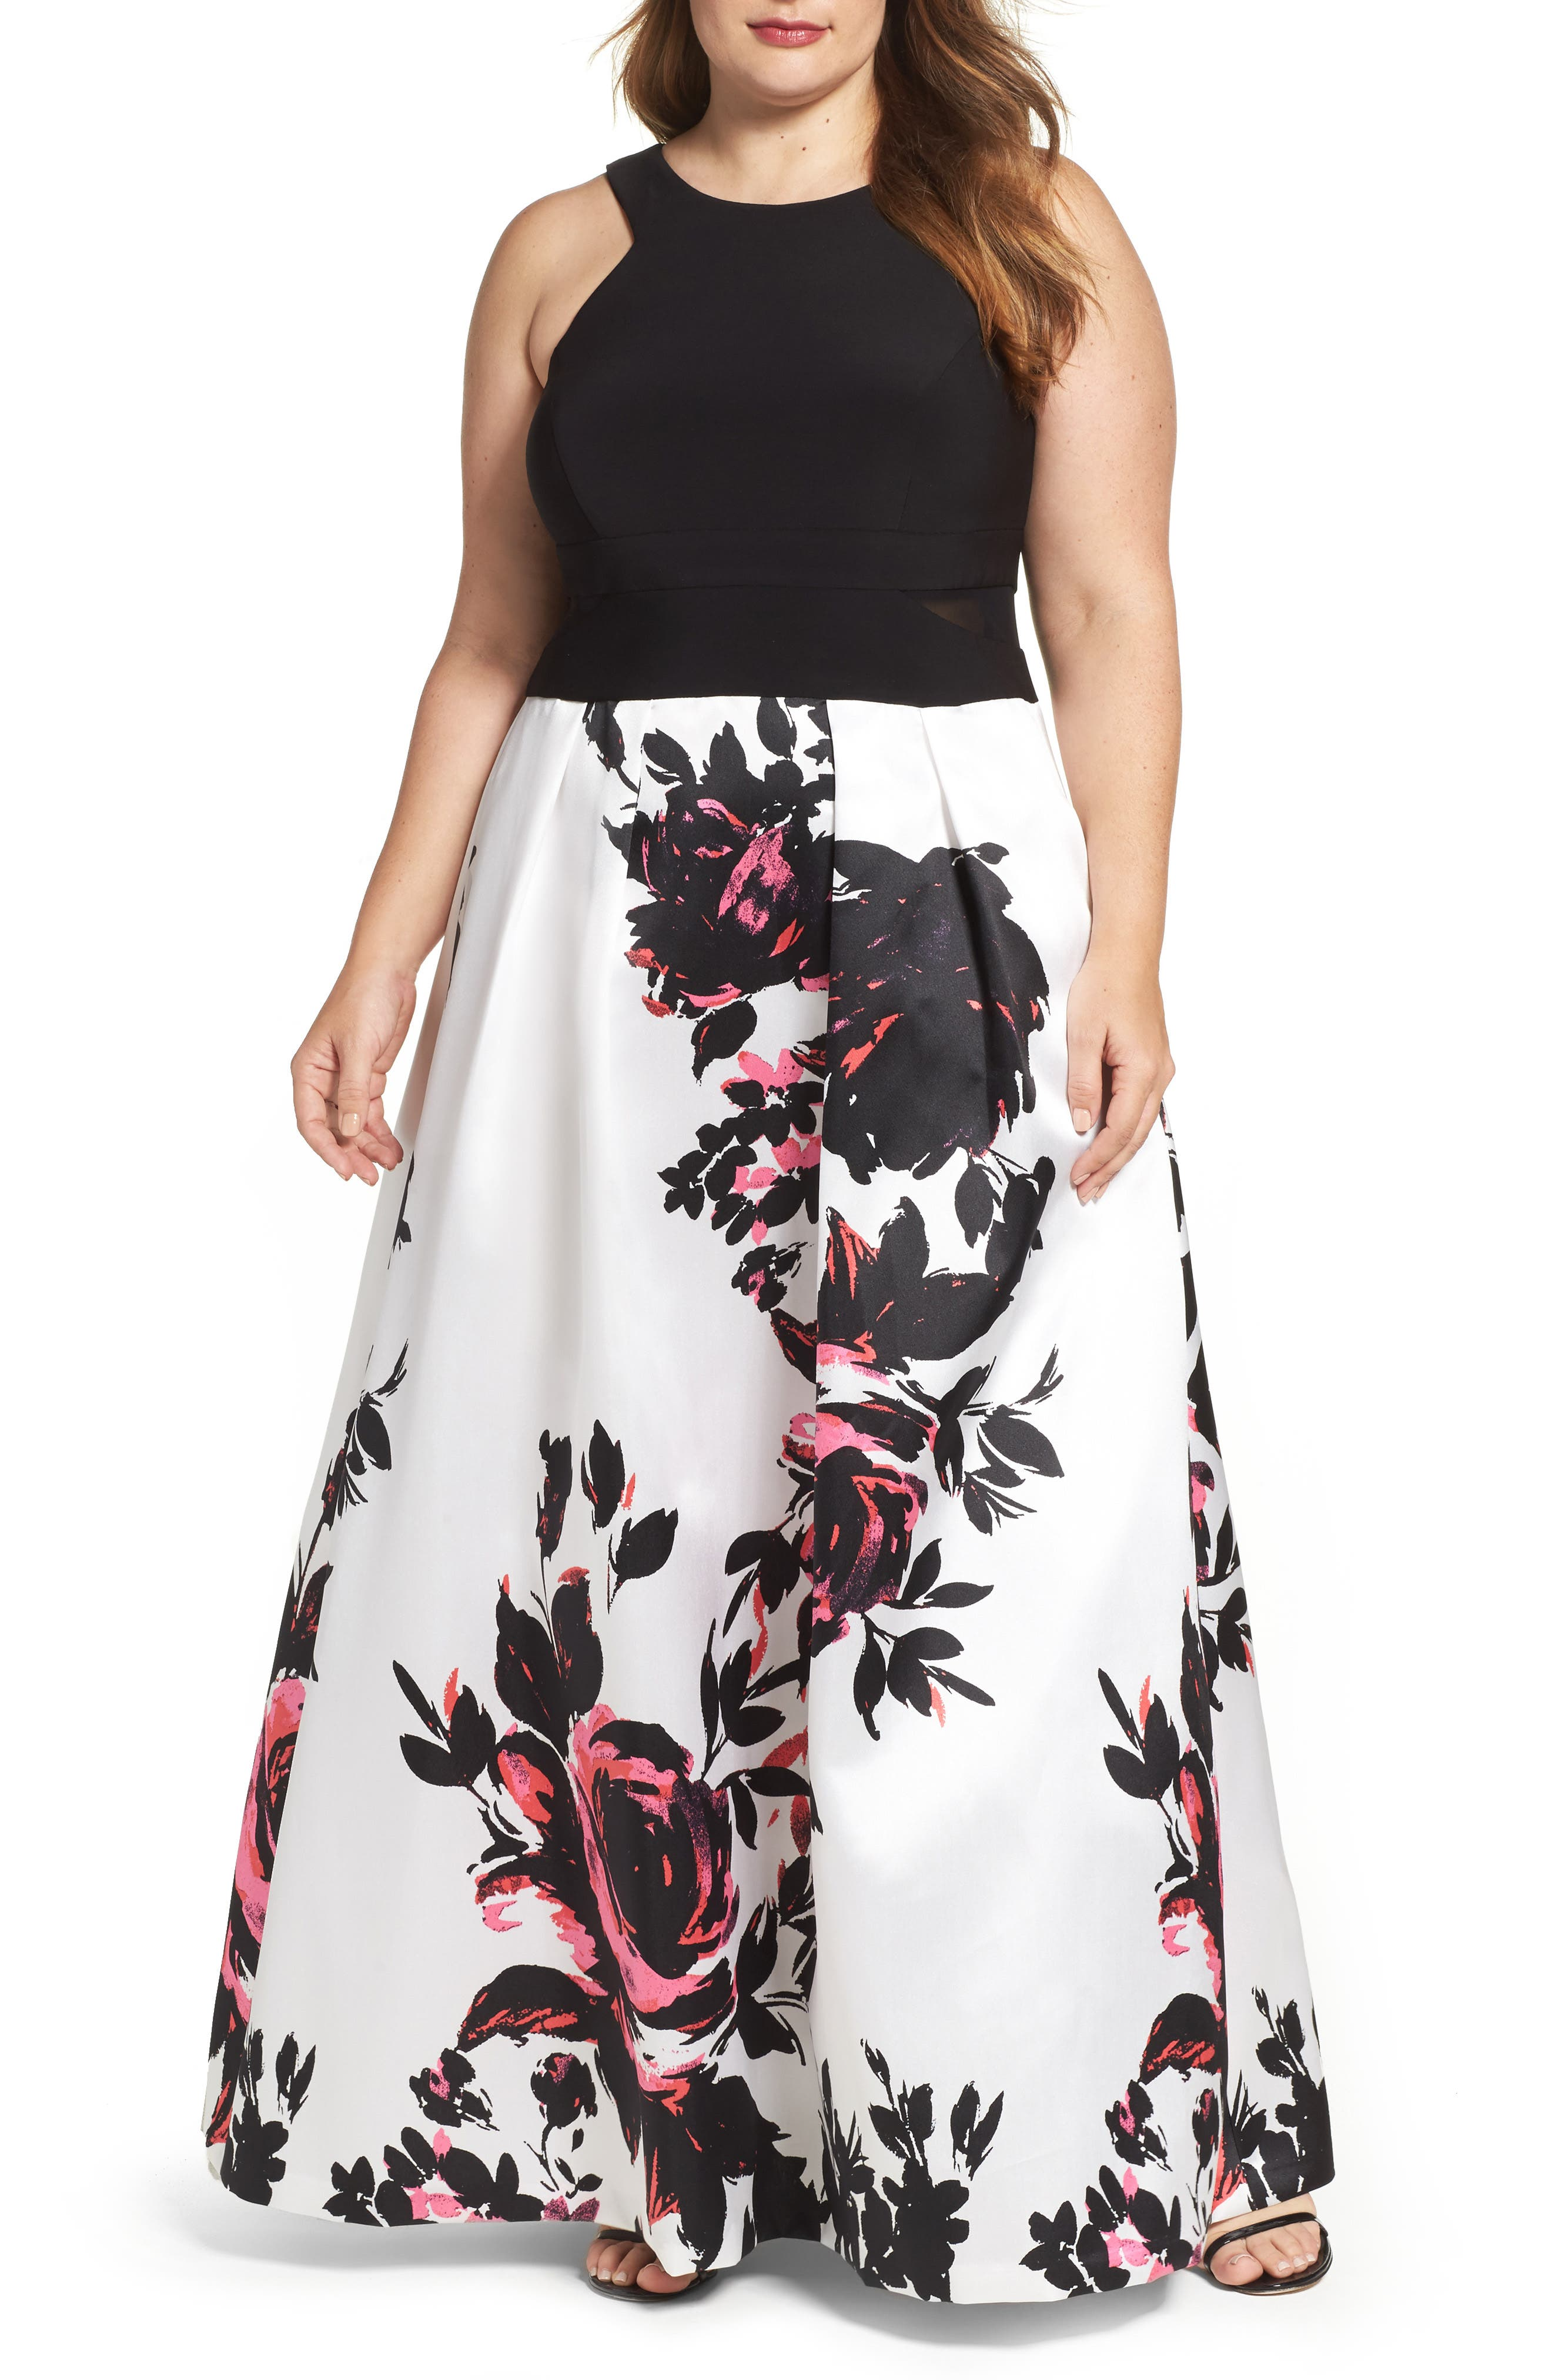 Xscape Print Skirt Ballgown (Plus Size)